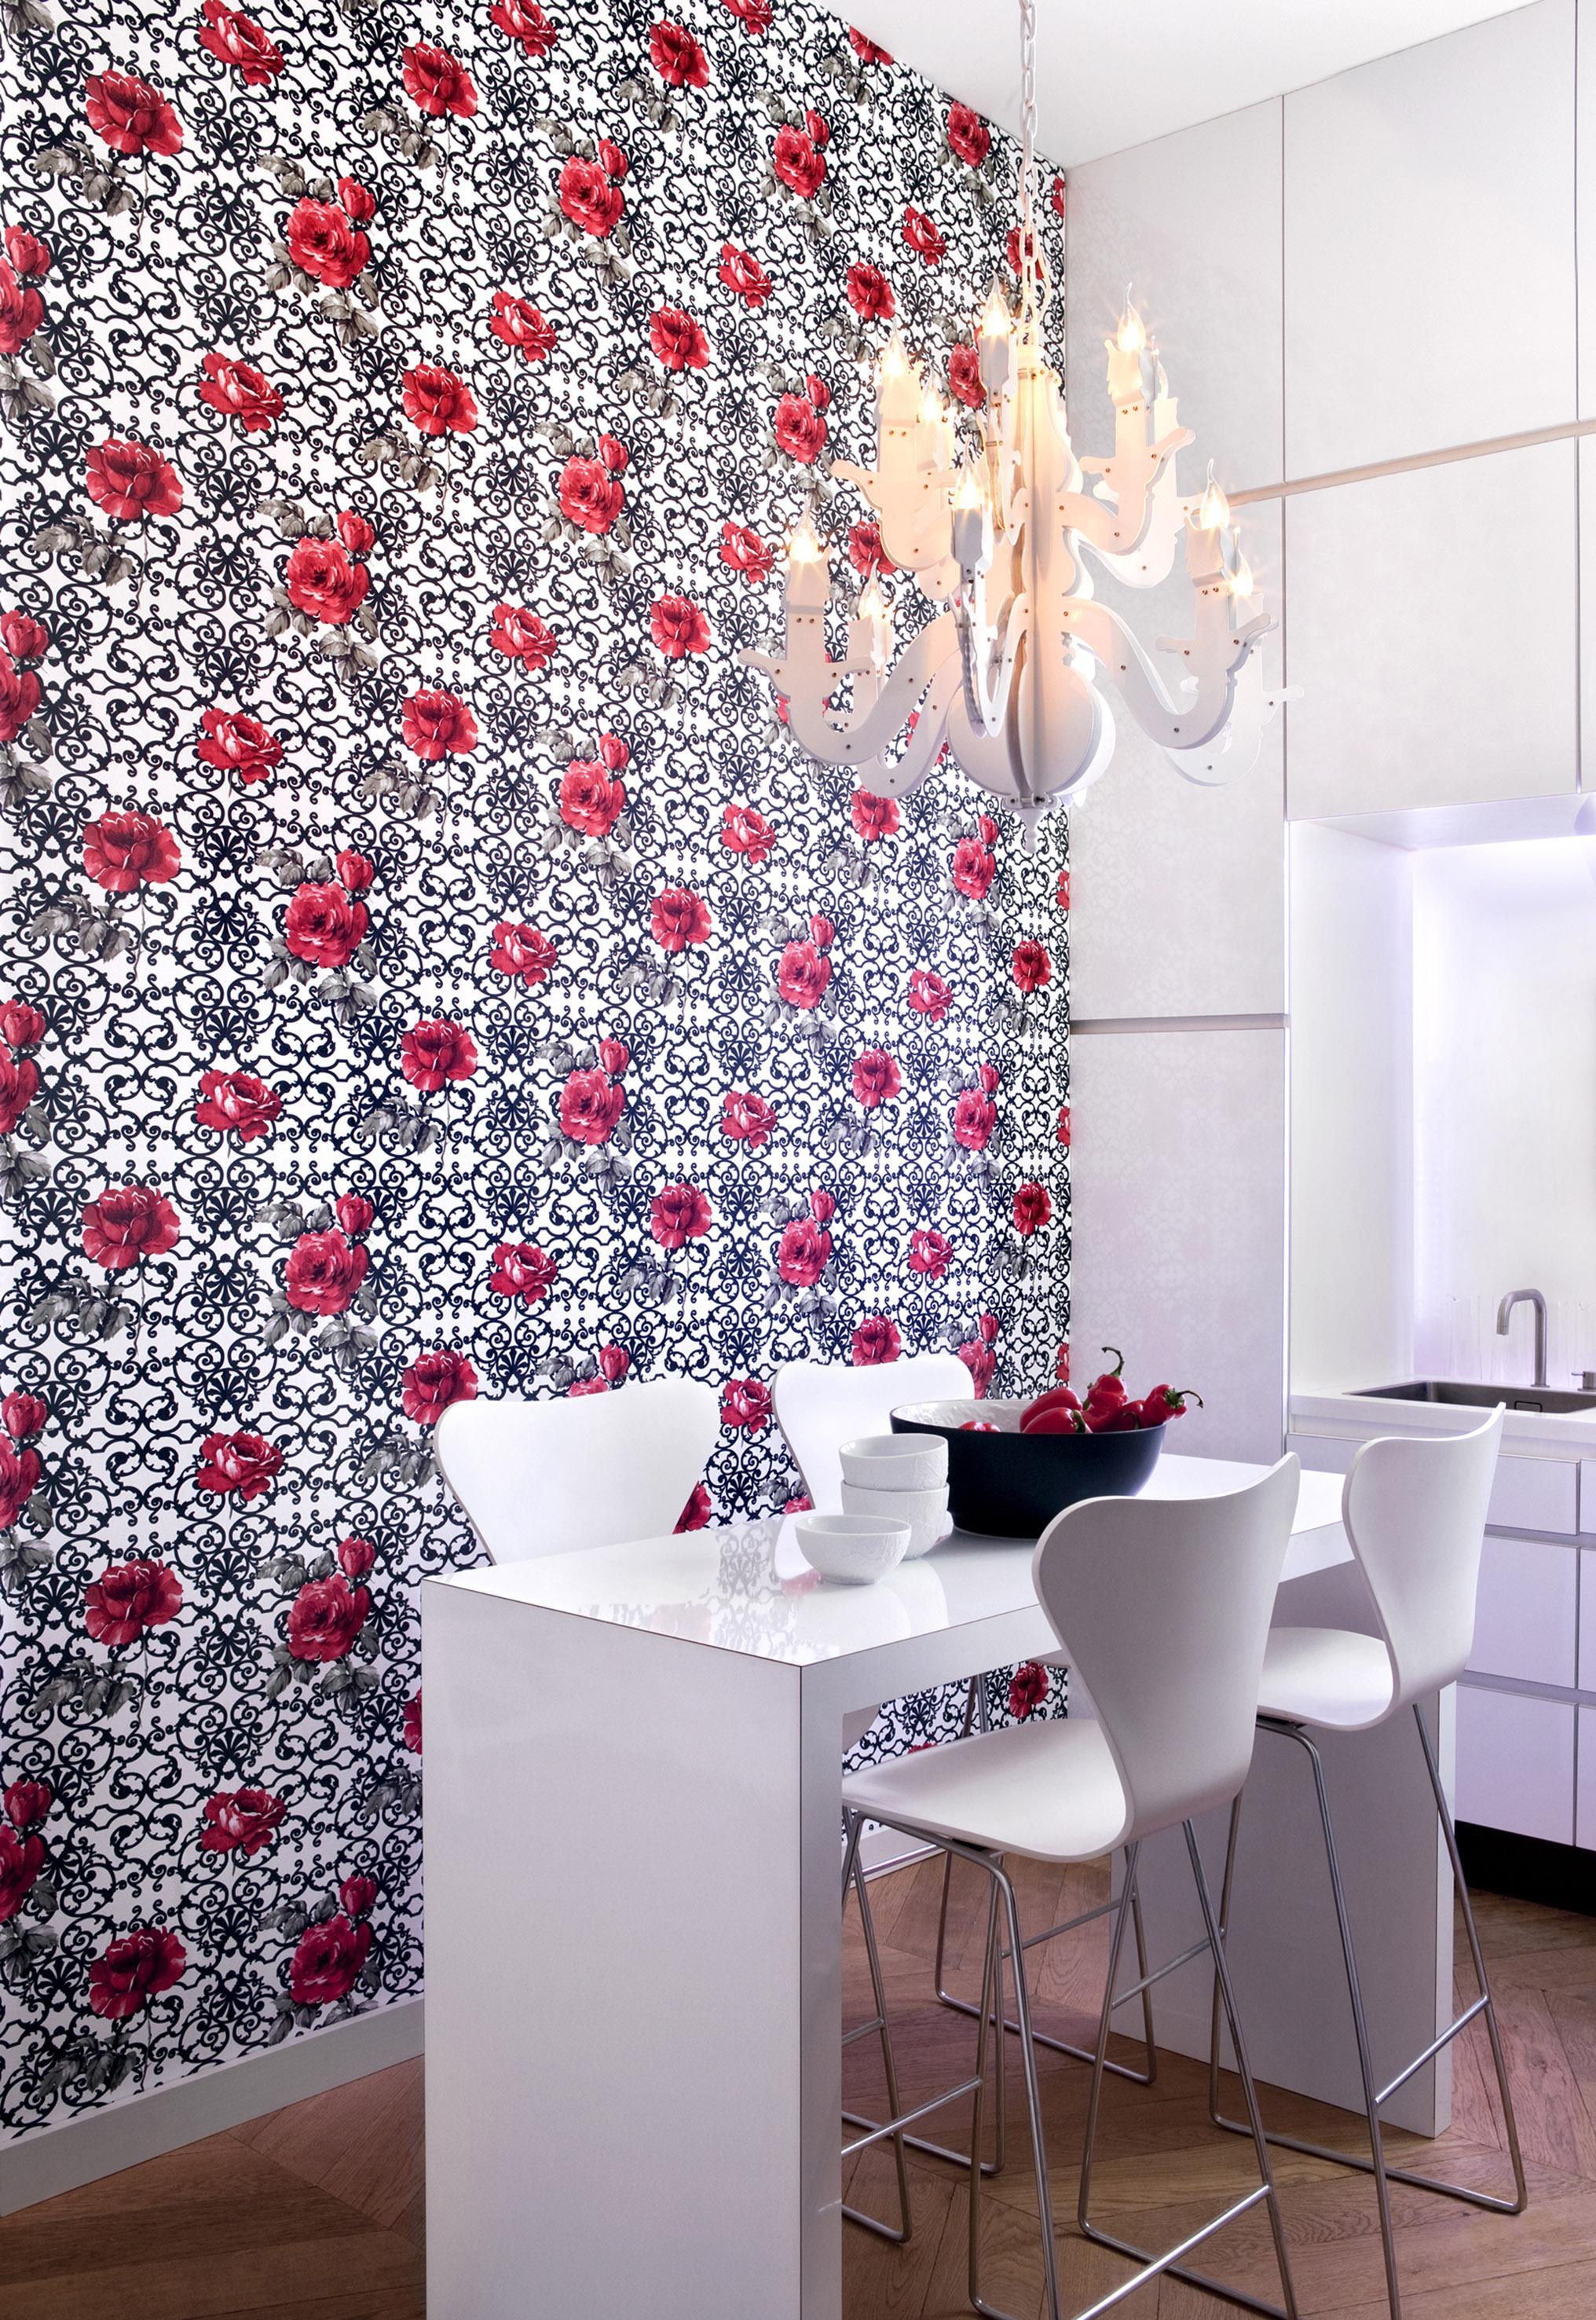 Mustertapete In Weißer Küche #Barhocker #Küche #Wand